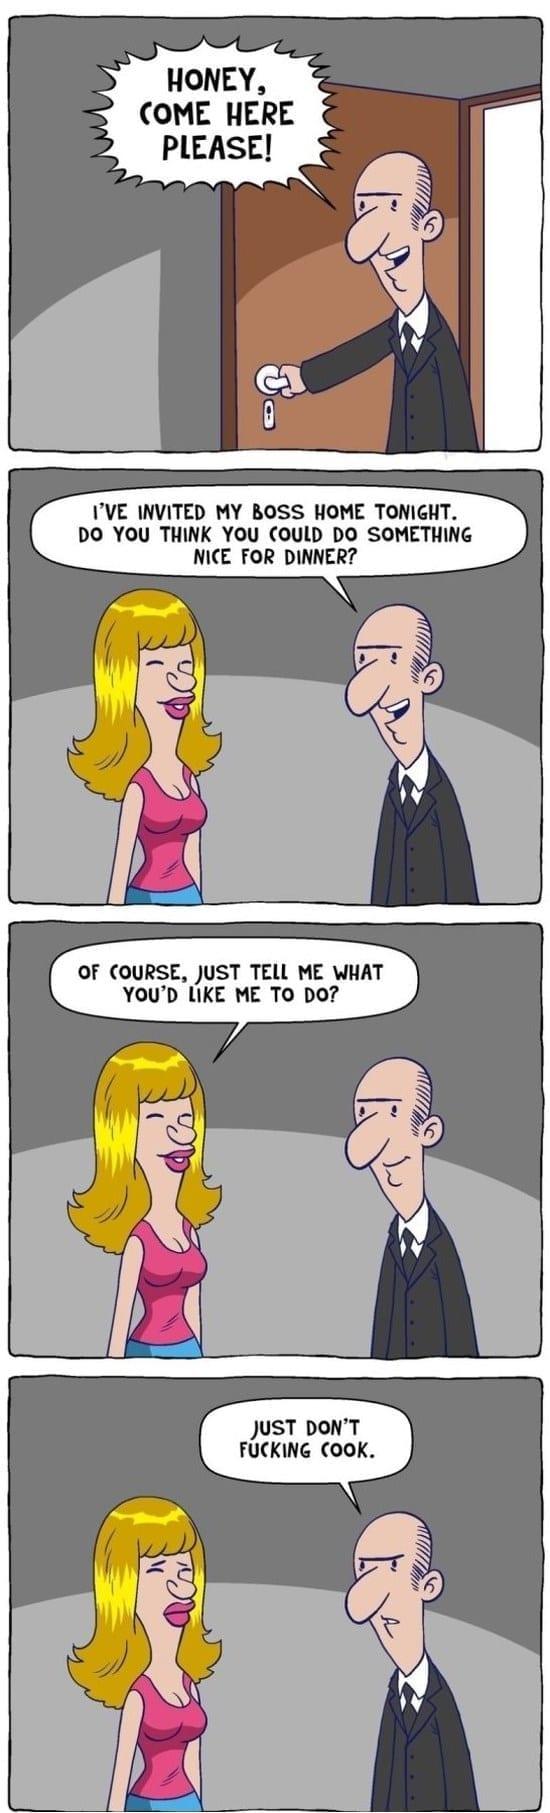 Funny Memes For Boss : My boss jokes funny meme gif